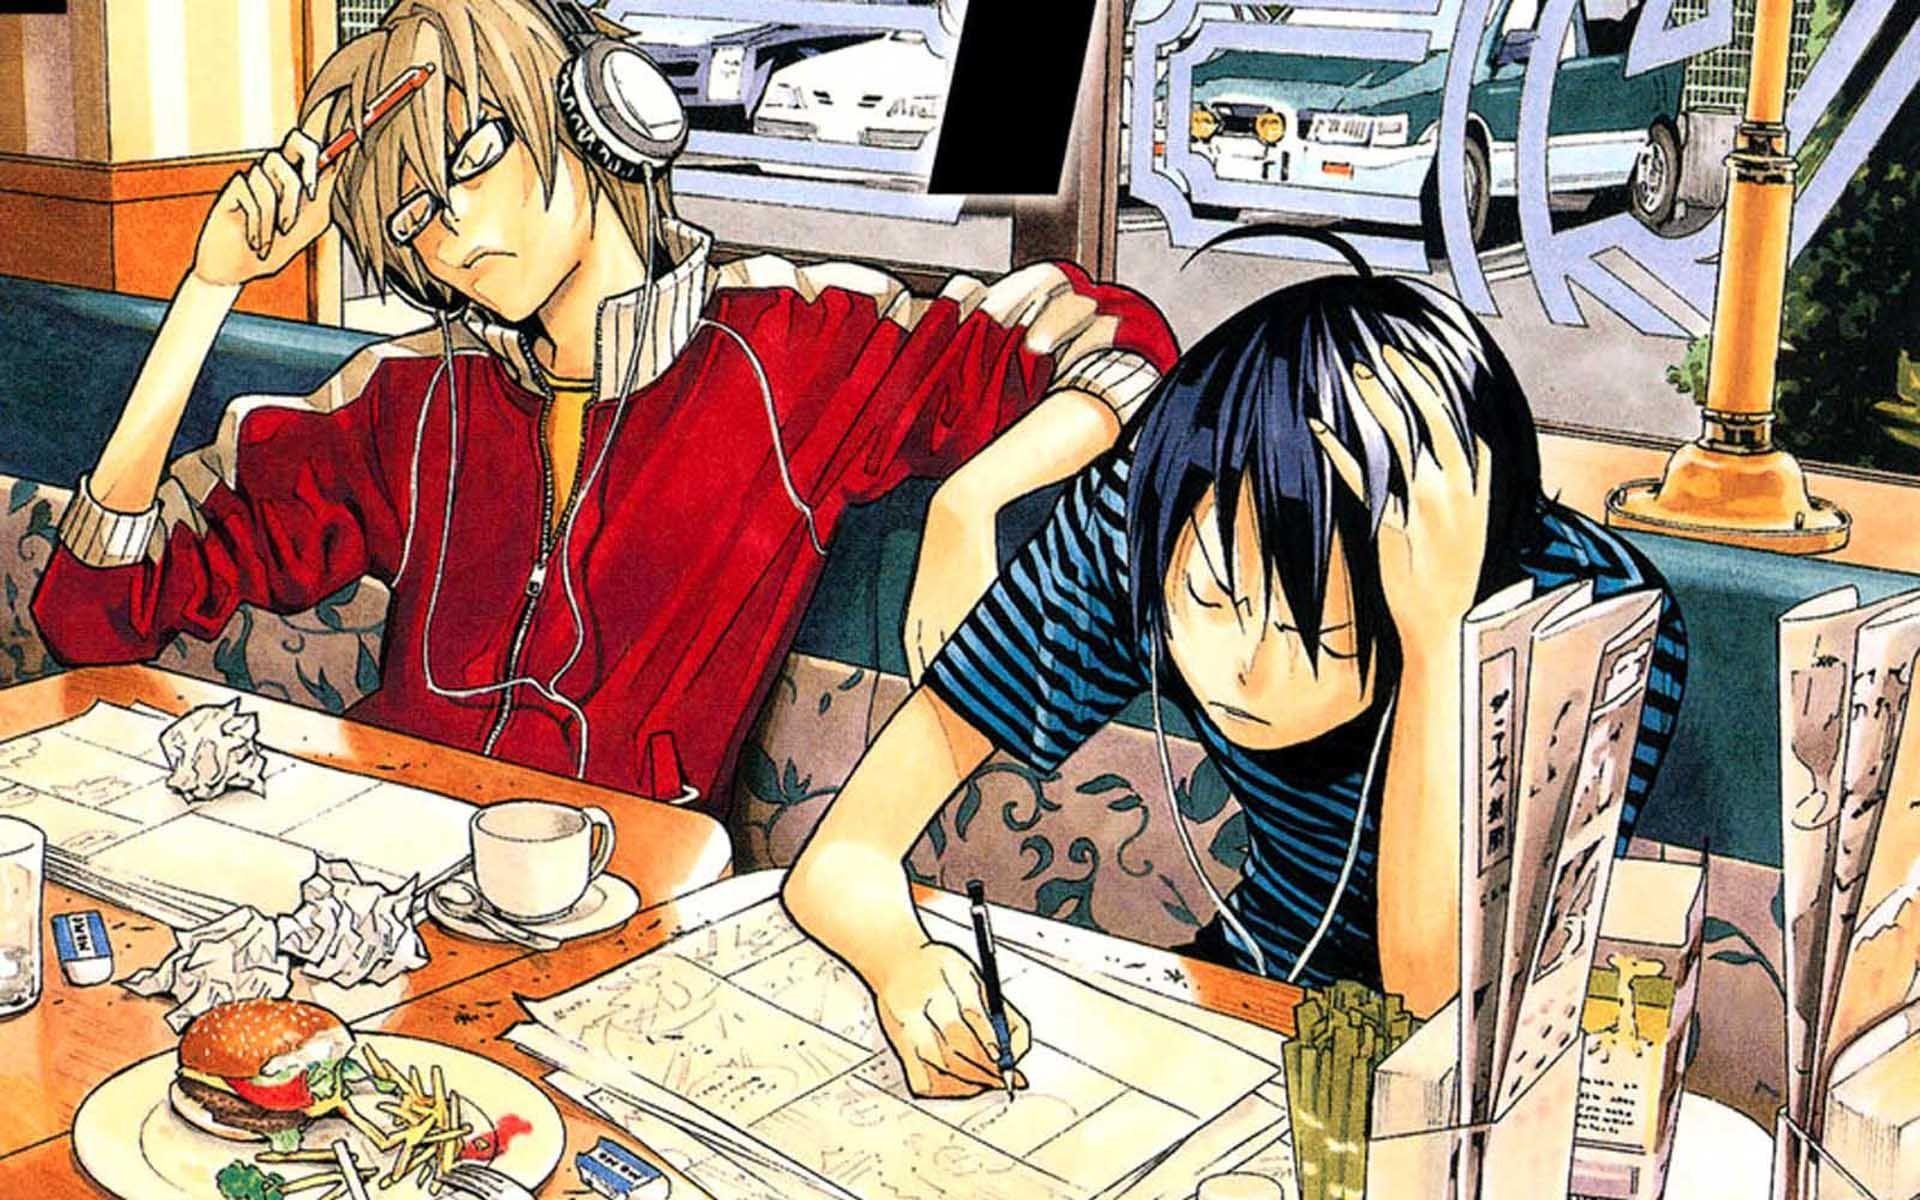 6403 - ¿Sabrías reconocer a qué mangakas pertenecen estos escritorios?